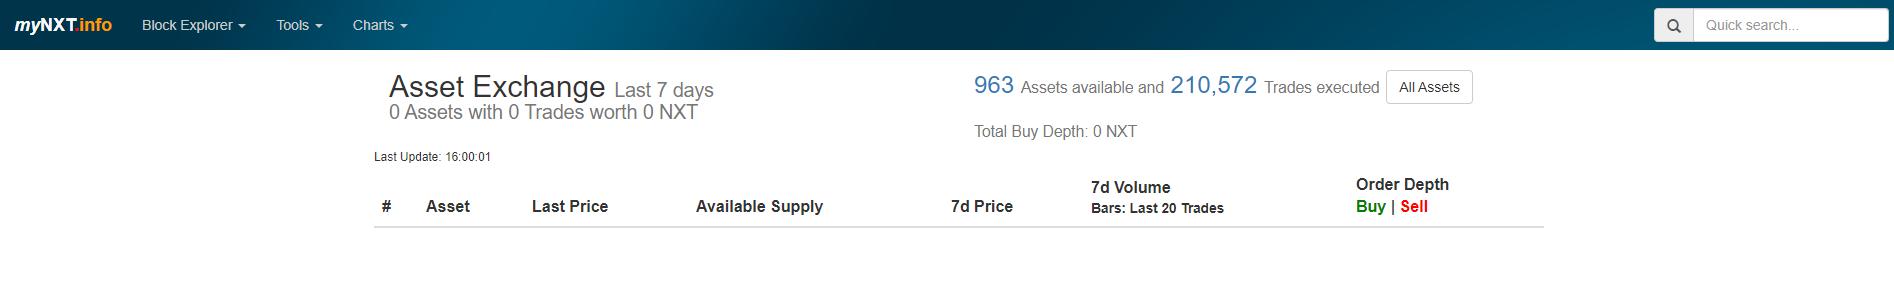 Nxt Asset Exchange - Dead